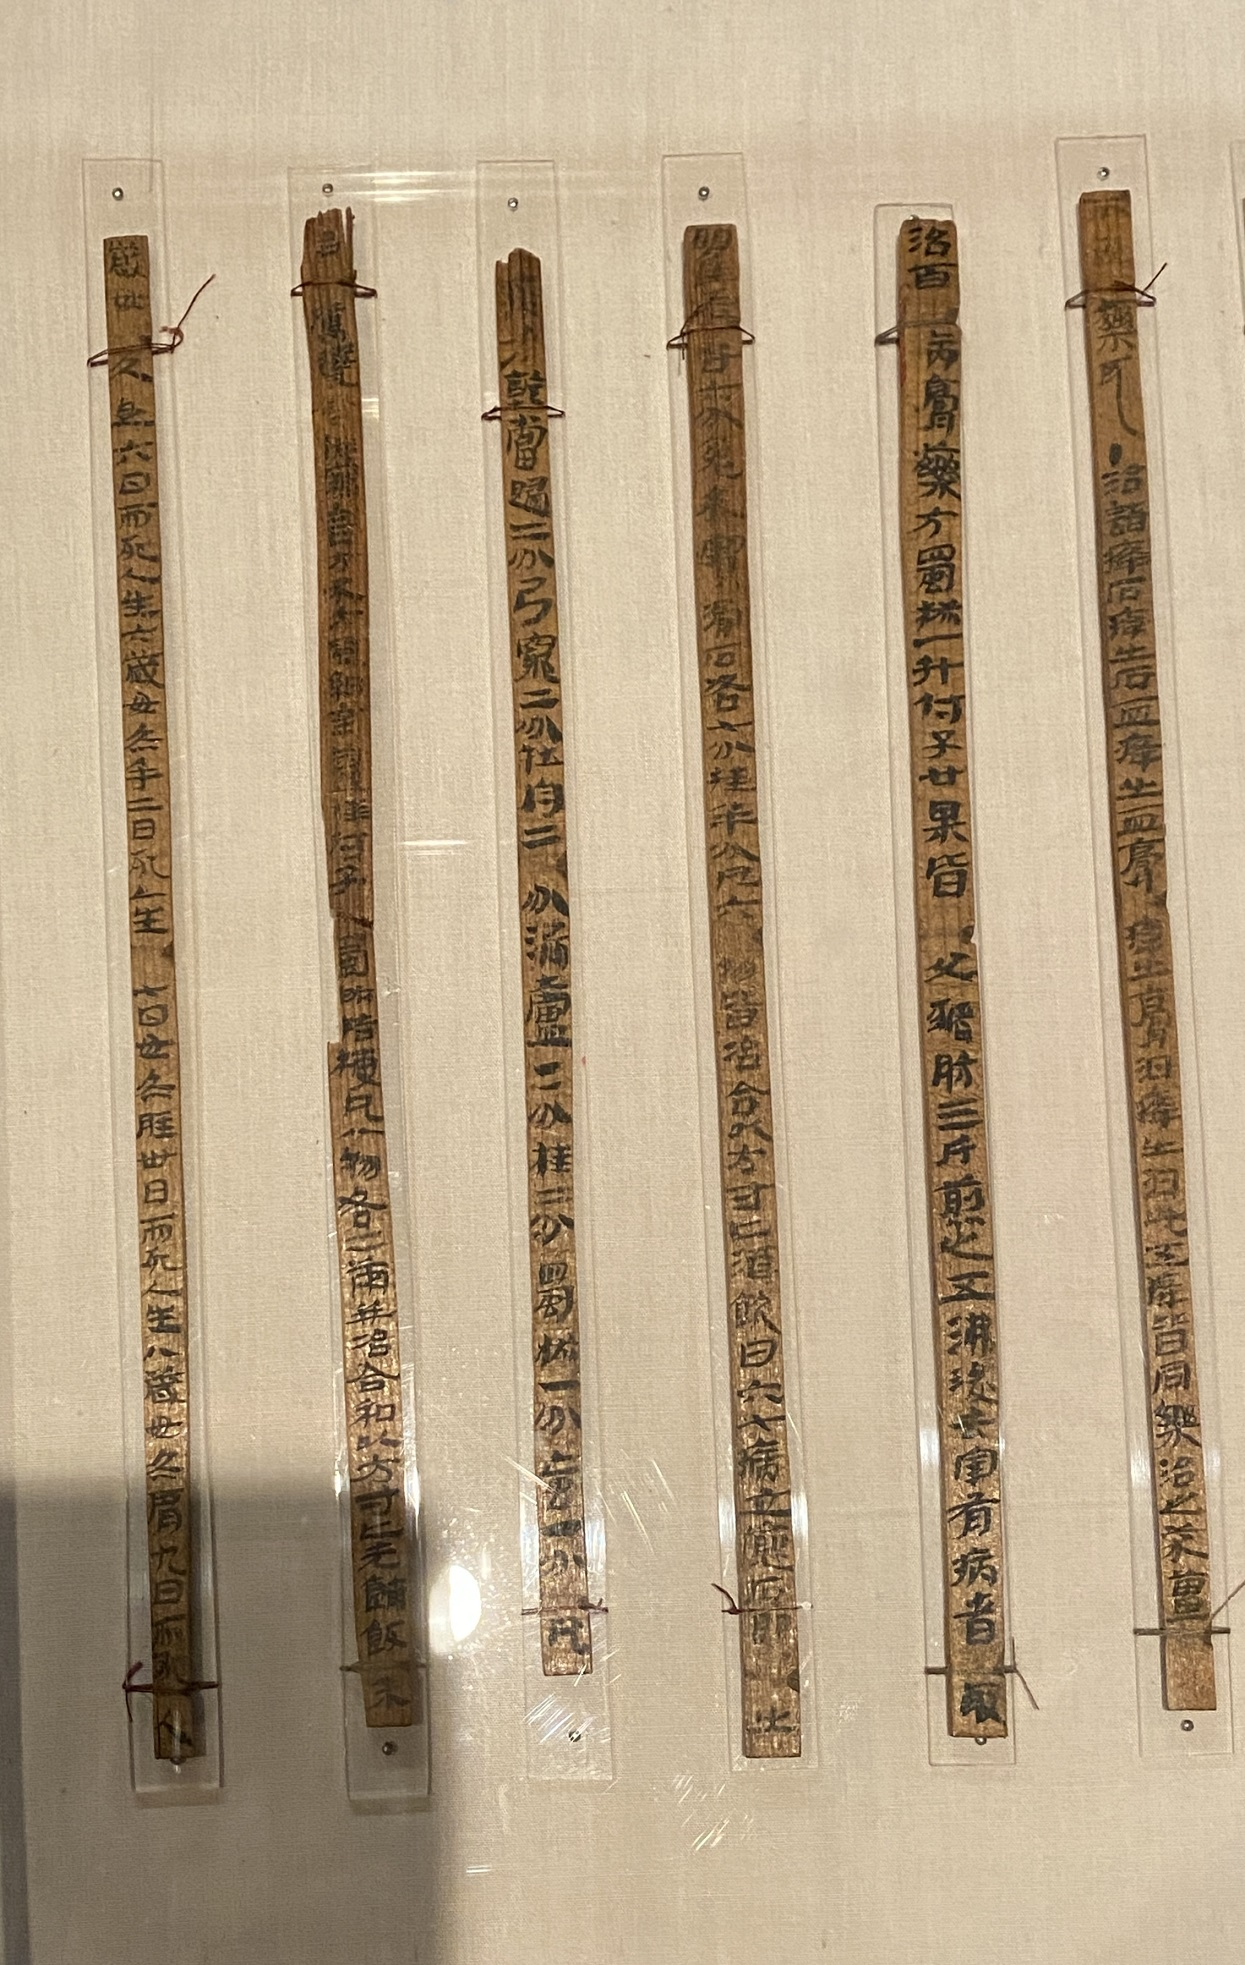 医薬簡-特別展【山高水長・物象千年-シルクルードの文化と交流】四川博物院-平山郁夫シルクロード美術館